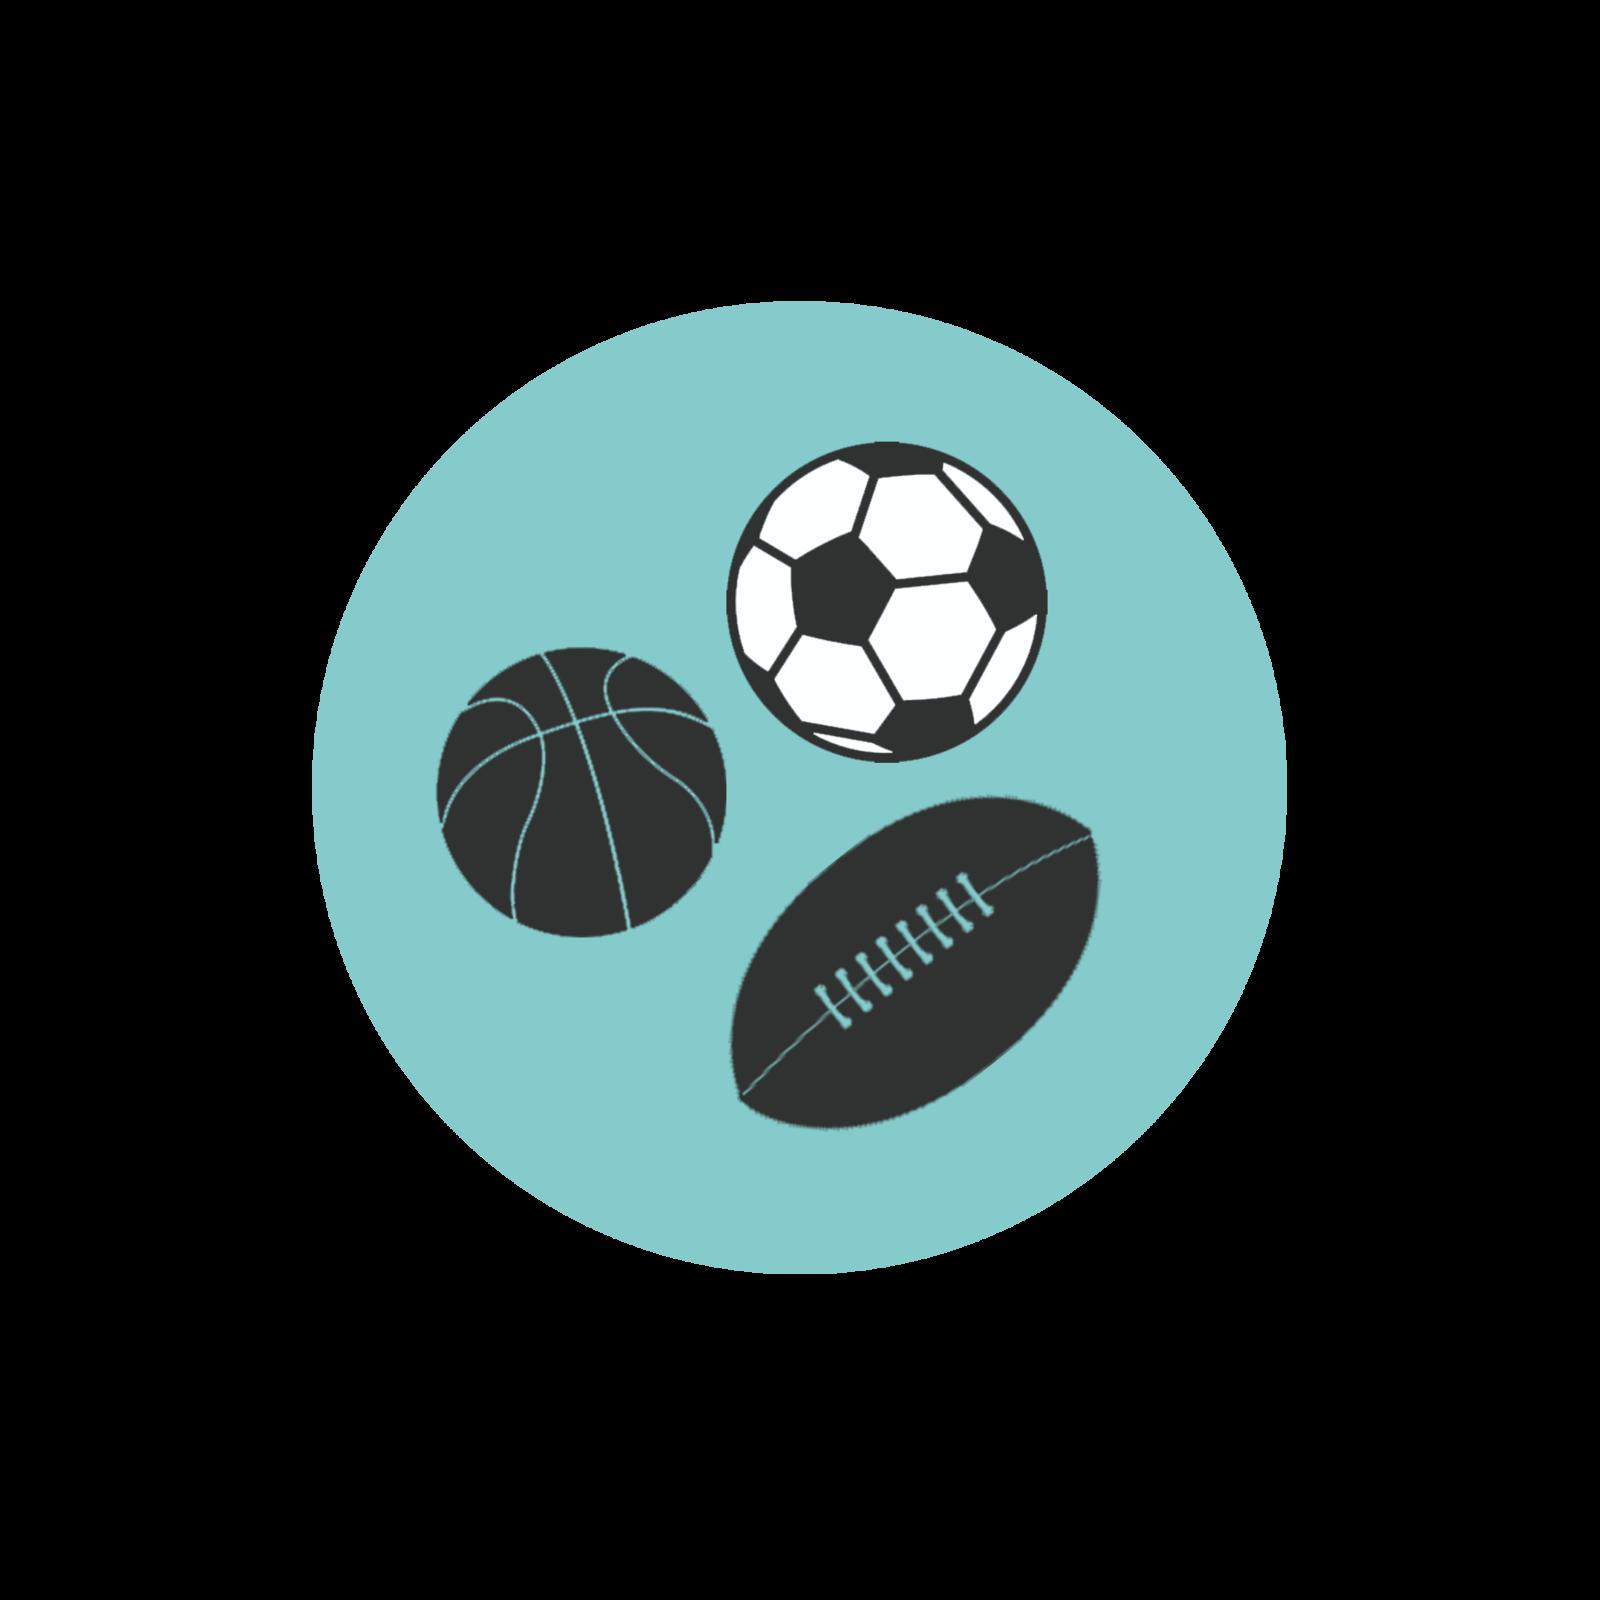 Le Groupe TF1 a acquis les droits de diffusion en clair de matchs des Championnats d'Europe de handball (2020 à 2024).